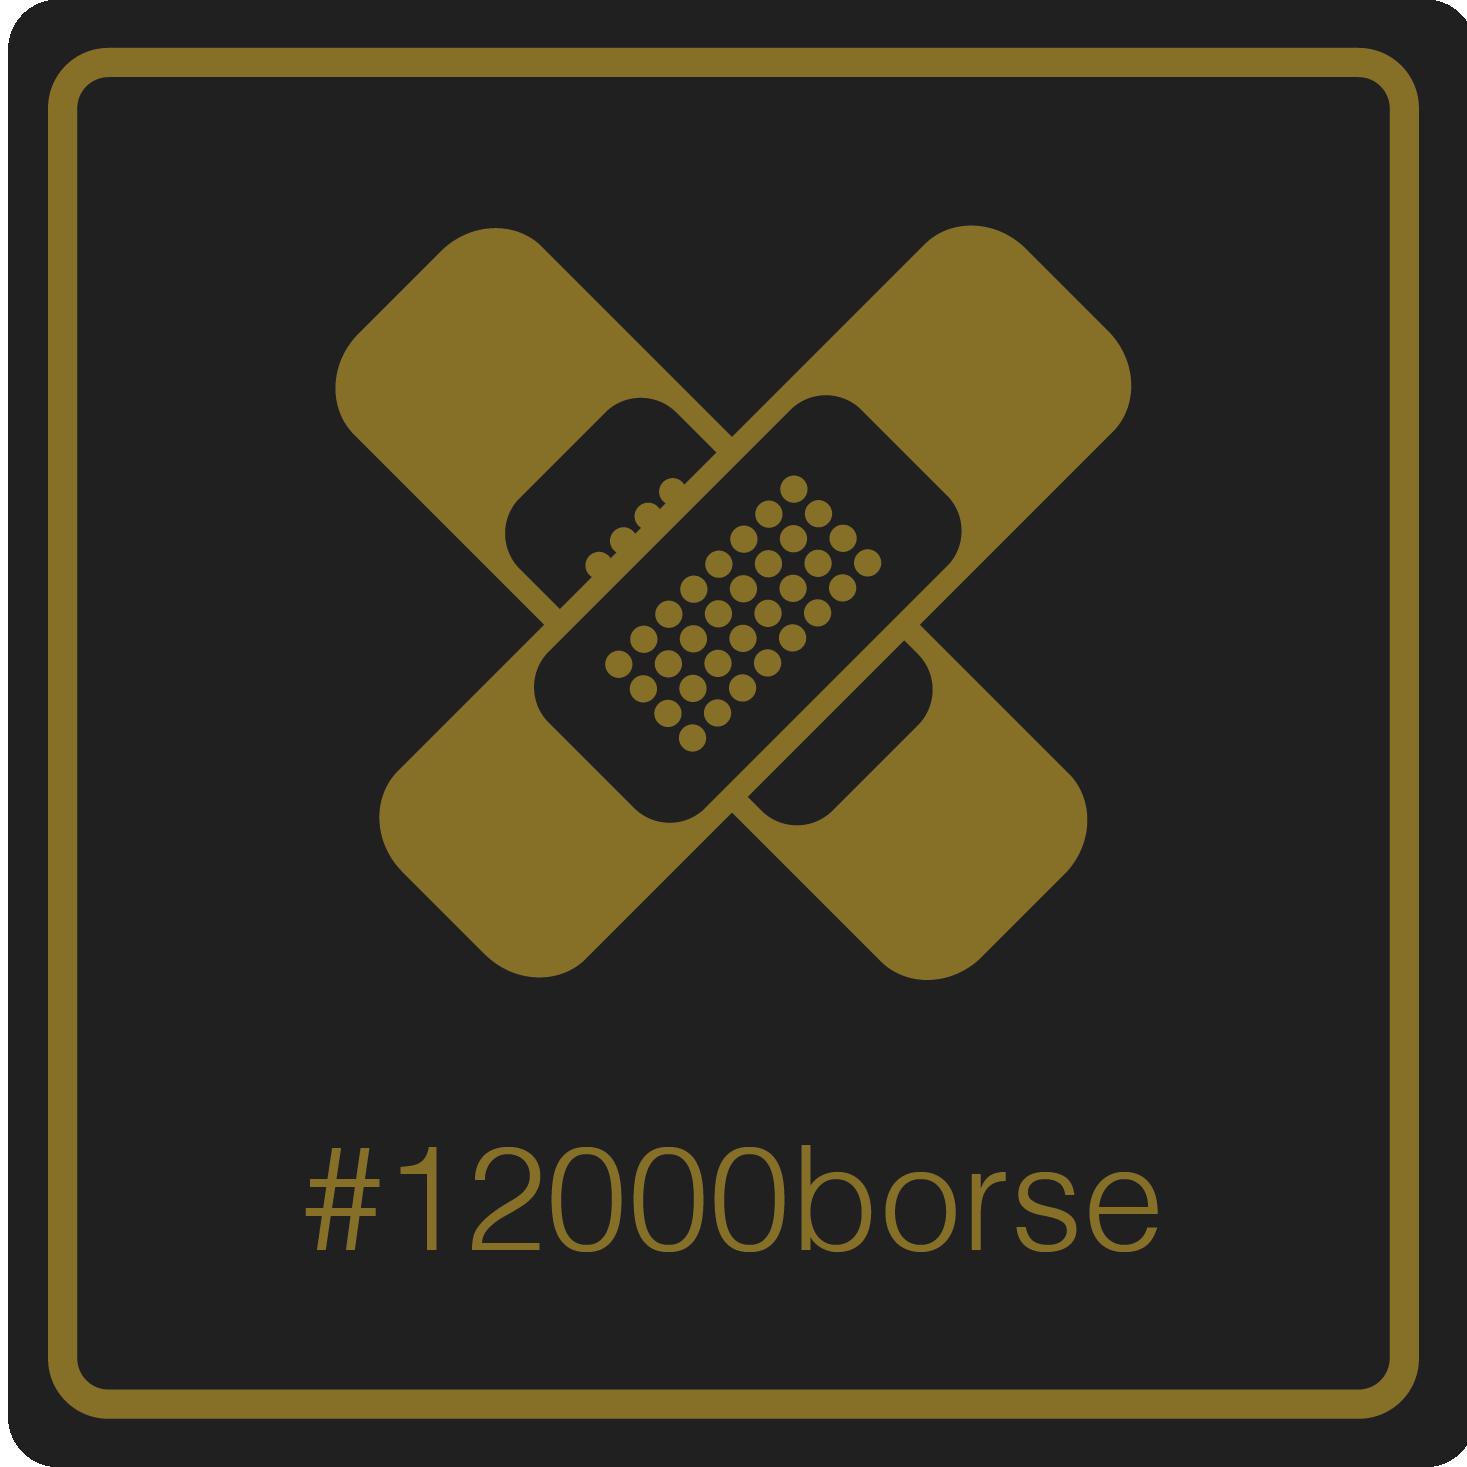 1200borse